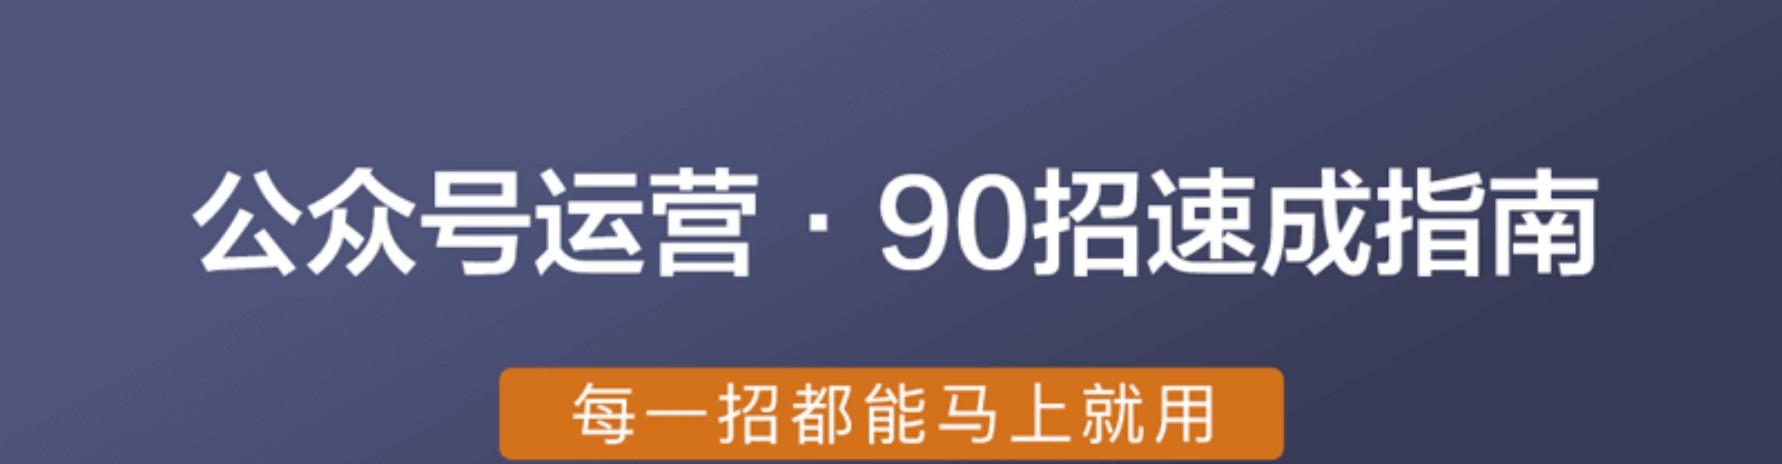 粥左罗,微信公众号运营90招速成指南,微信公众号运营入门到精通,附课程附件